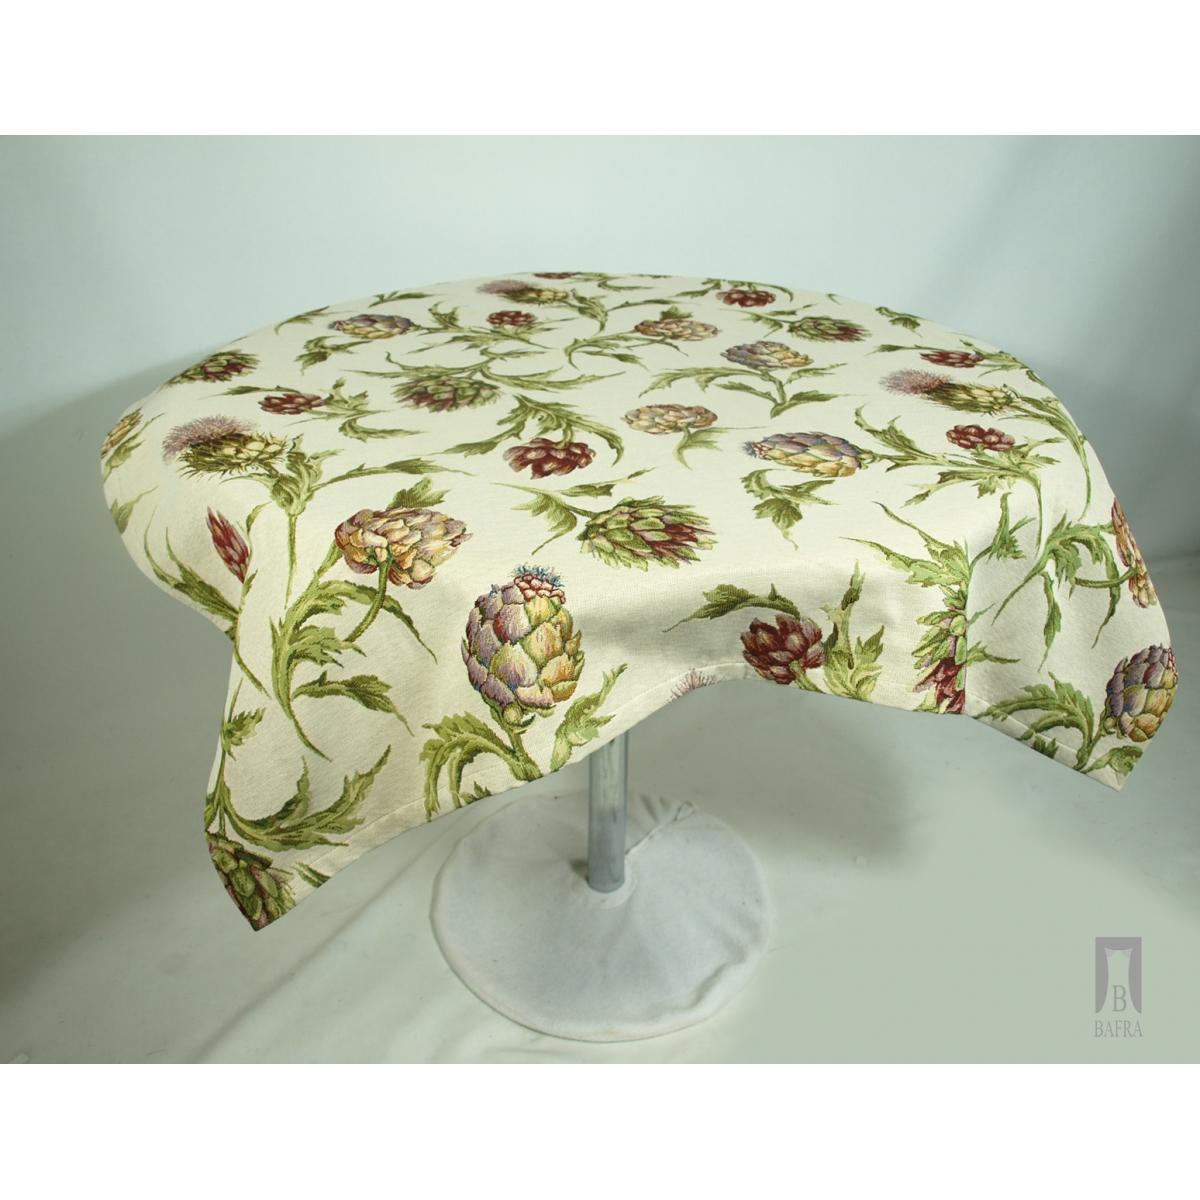 Christmas tablecloth - poinsettias